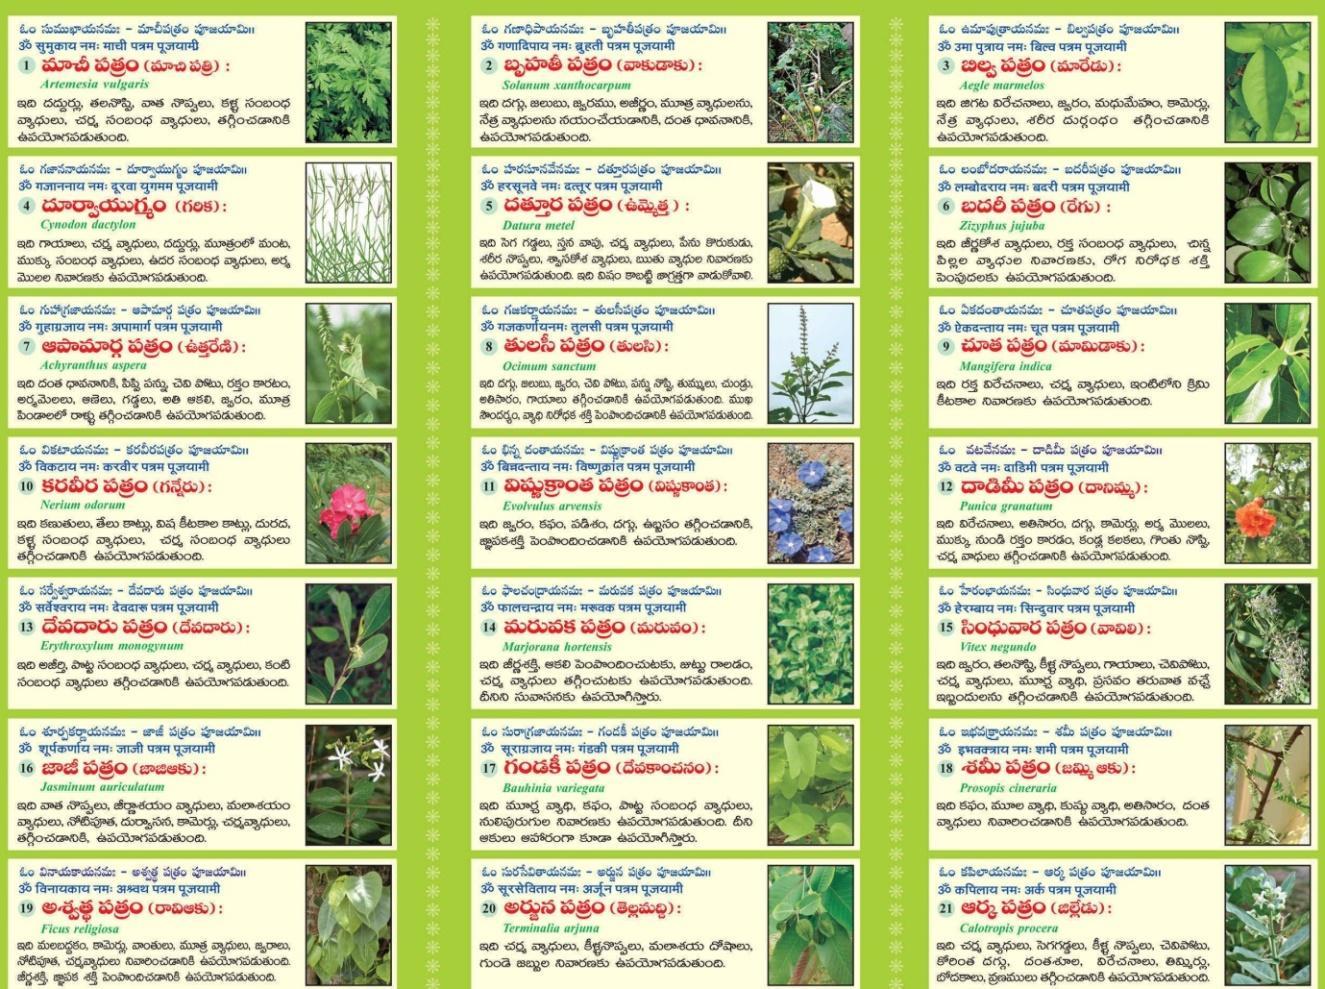 http://astrotelugu.com/Content/images/21patri.jpg